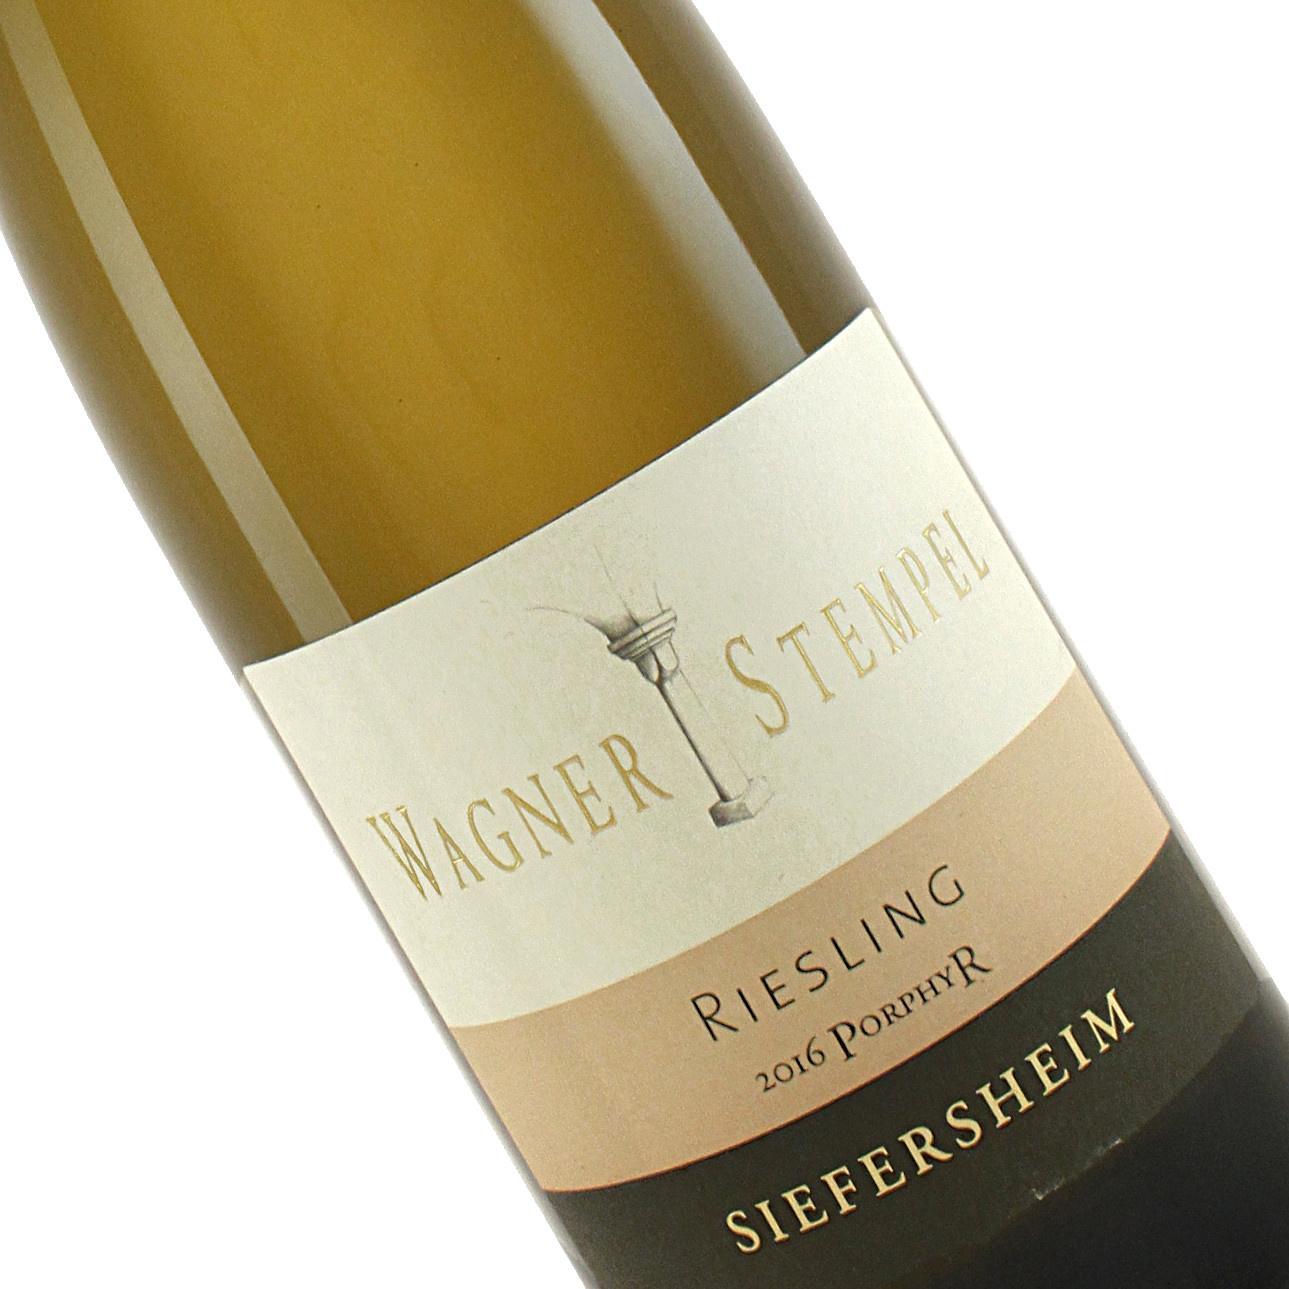 Wagner-Stempel 2018 Siefersheim Riesling Trocken Vom Porphyr , Rheinhessen